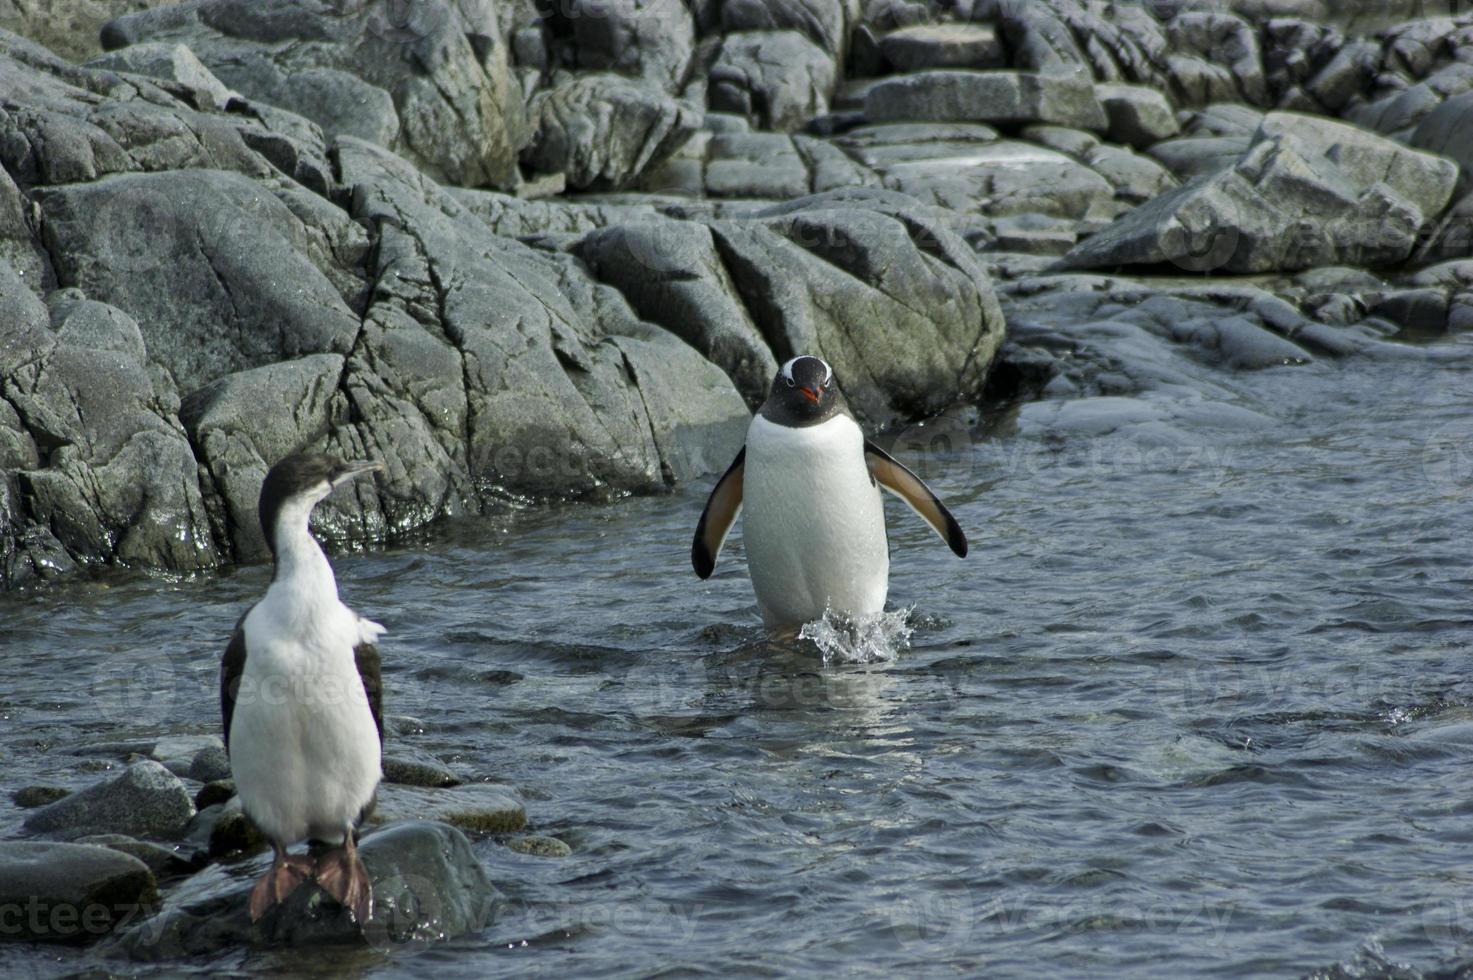 Manchot papou pataugeant dans l'eau avec un cormoran aux yeux bleus photo